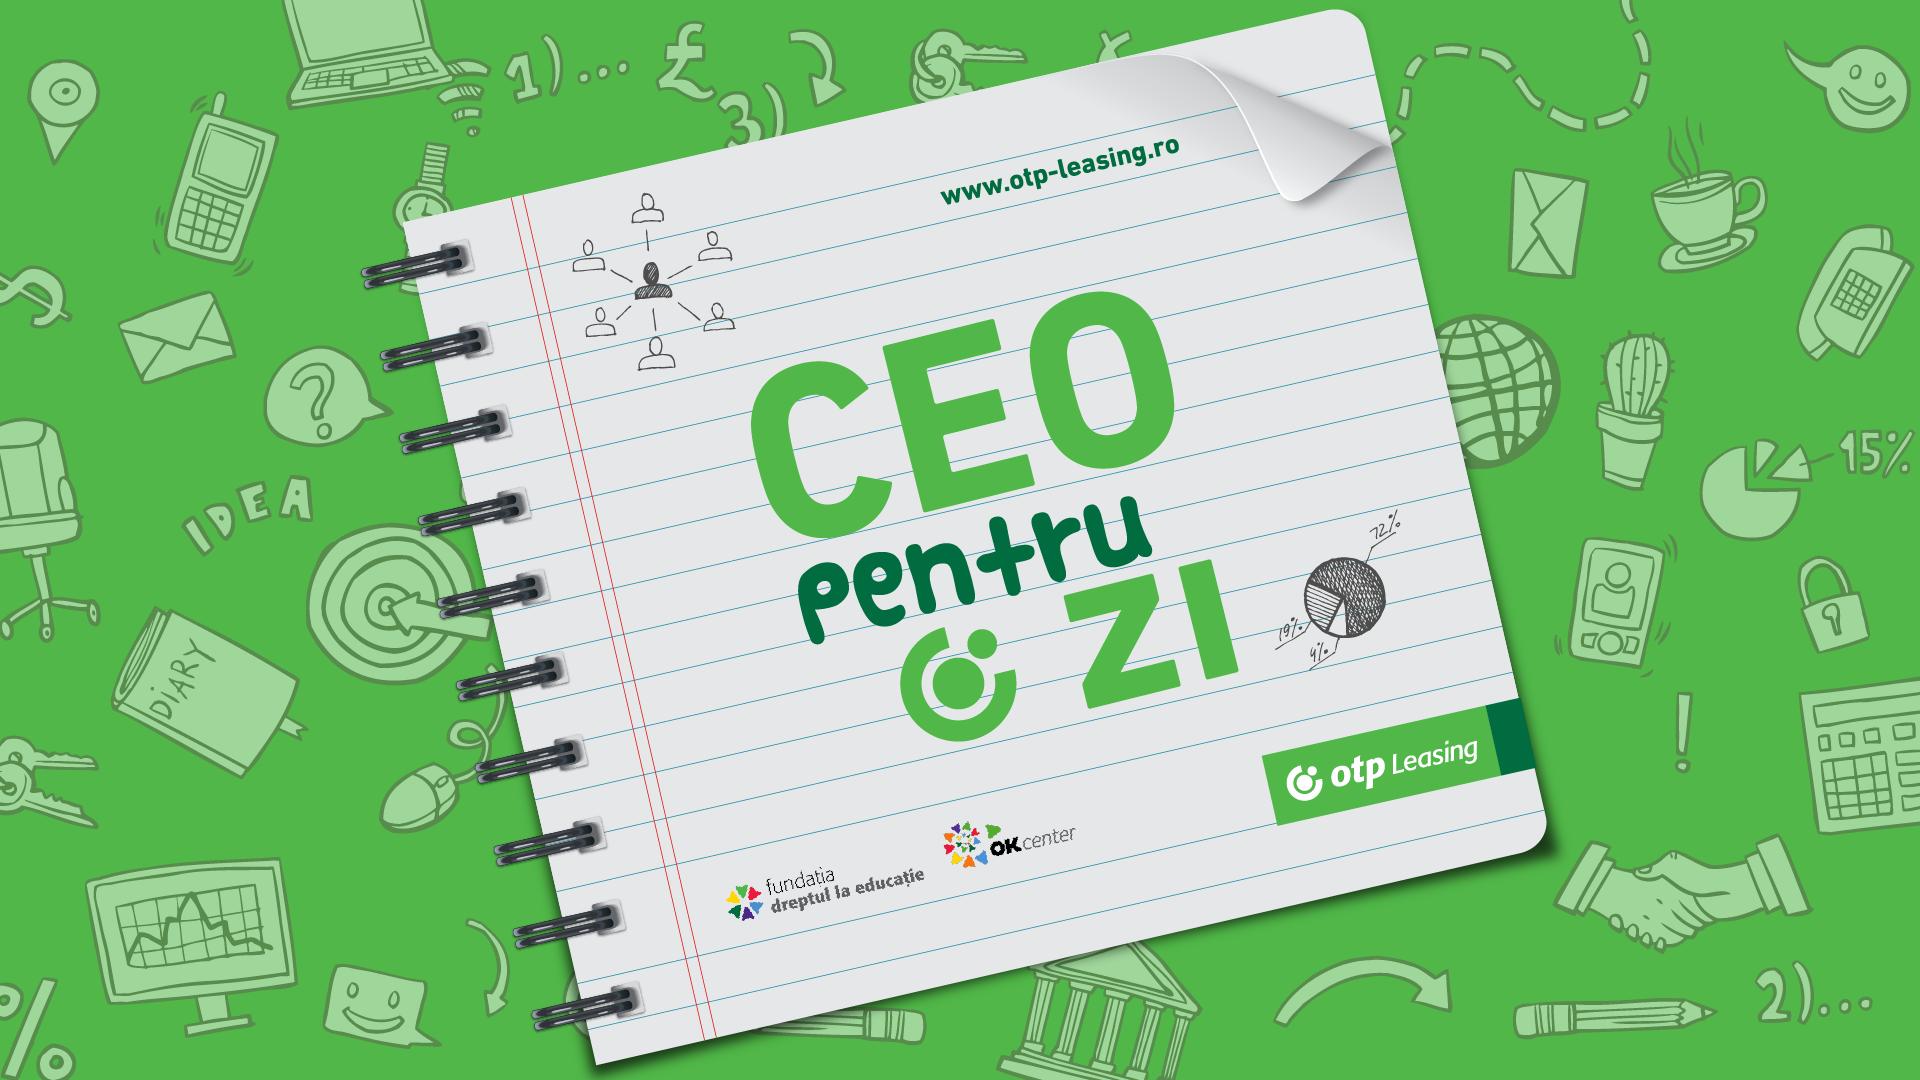 CEO pentru 1 zi – OTP Leasing România și Fundația Dreptul la Educație îți arată ce înseamnă management la cel mai înalt nivel